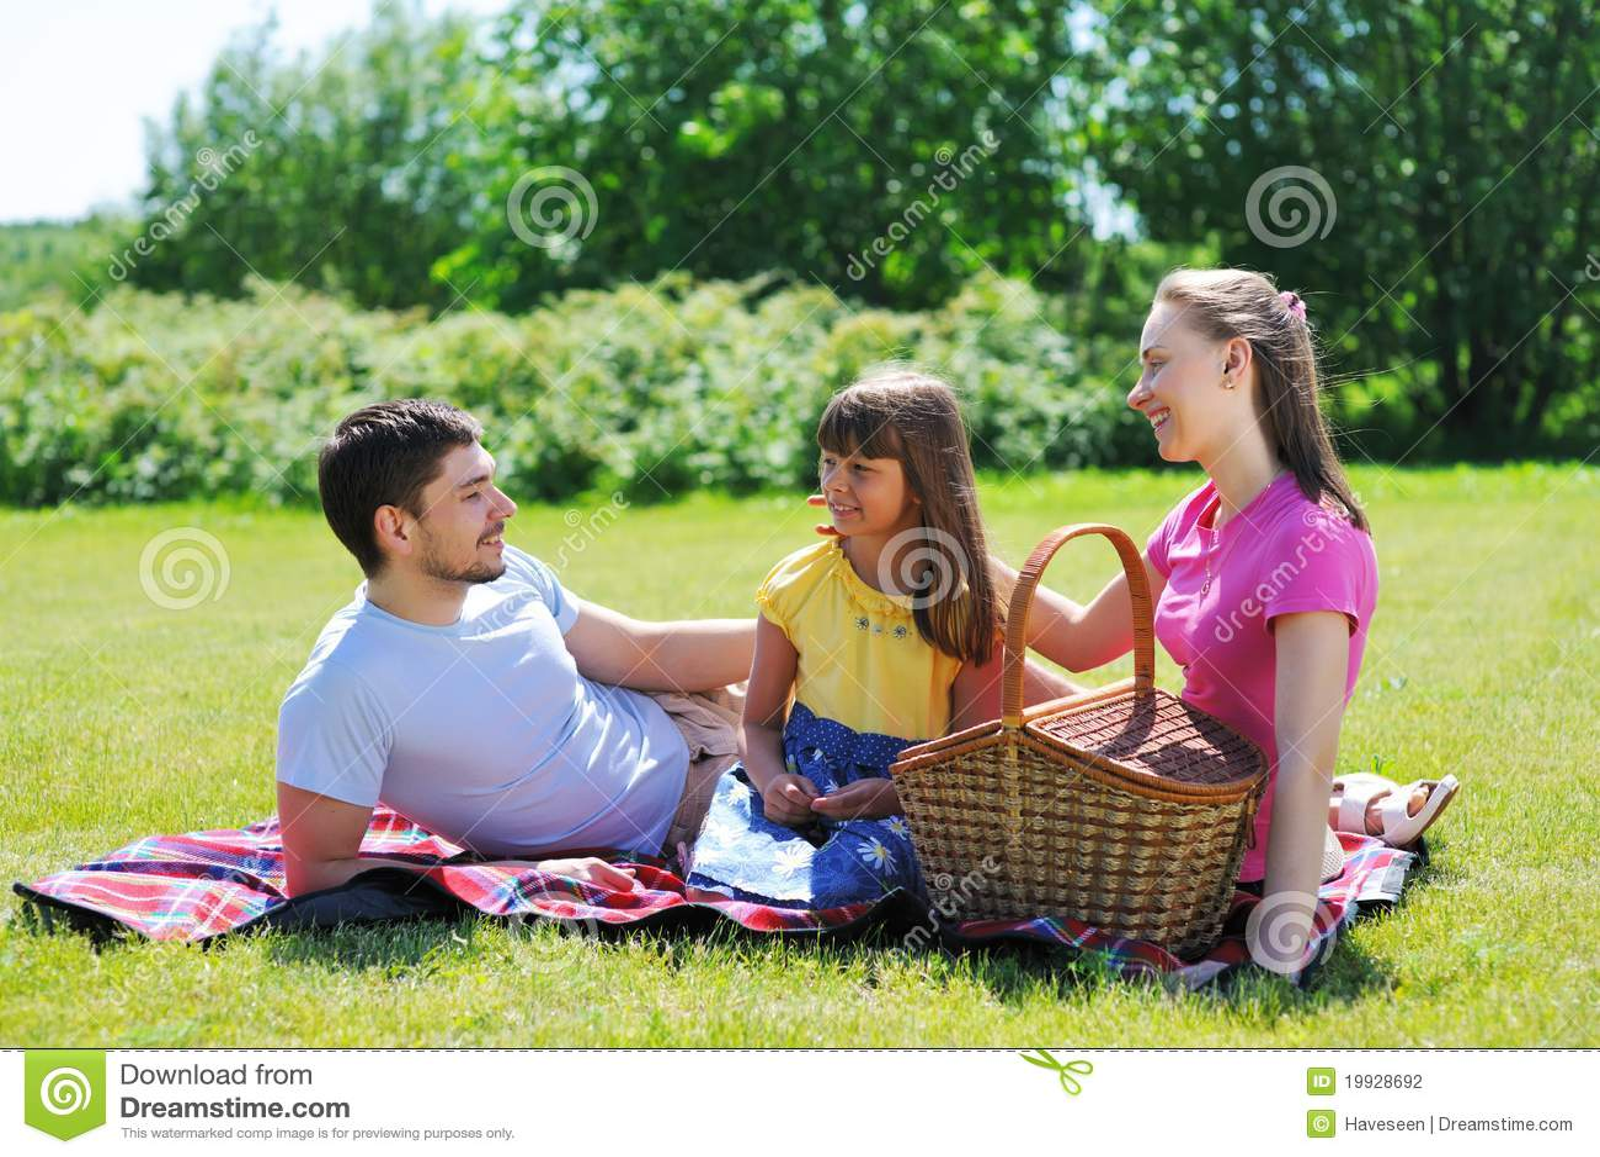 С мамочками на пикнике 24 фотография